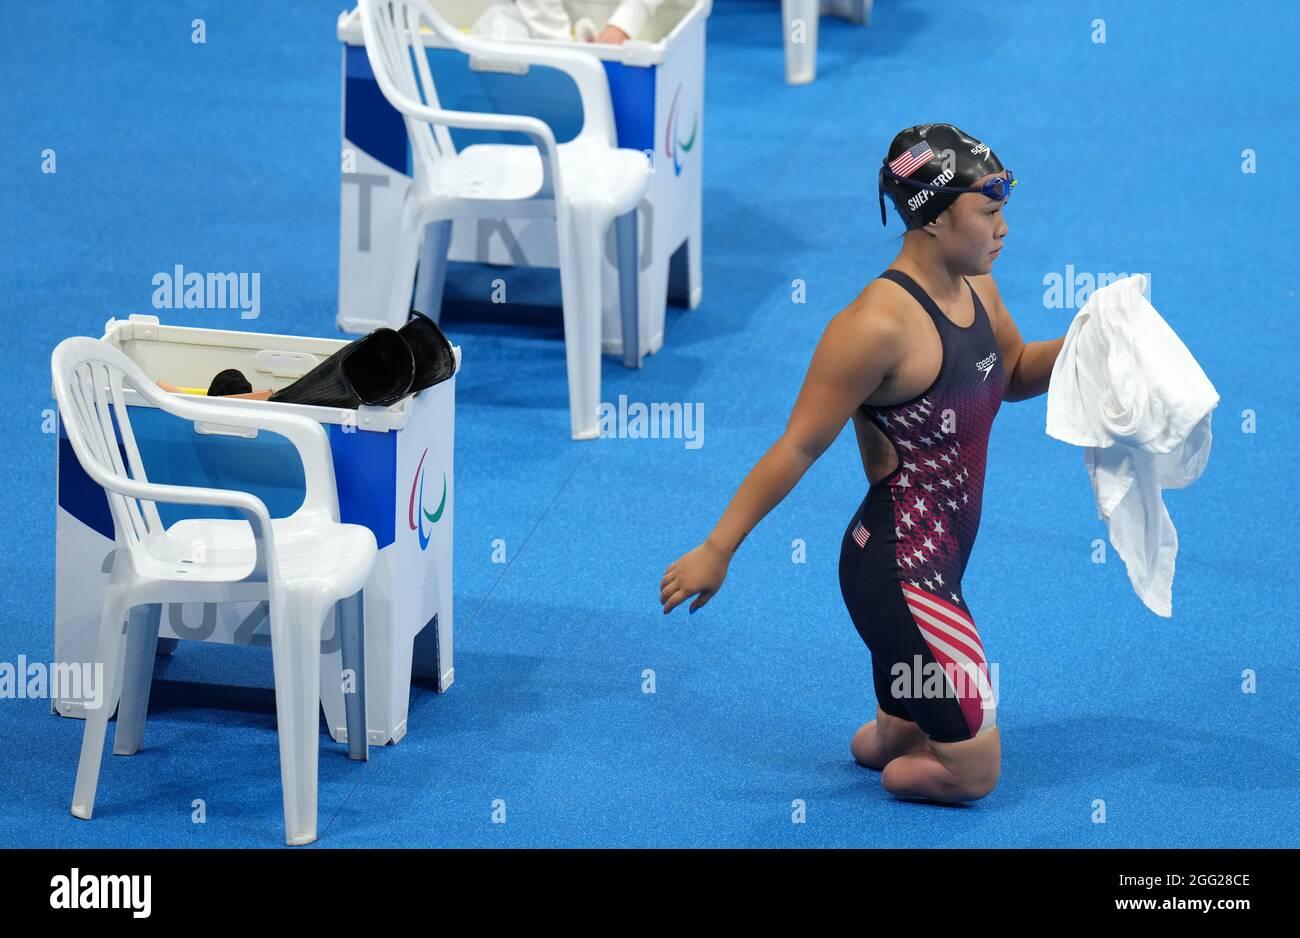 Haven Shepherd der USA vor dem Medley-SM8-Finale der Frauen im Tokyo Aquatics Center am vierten Tag der Paralympischen Spiele in Tokio 2020 in Japan. Bilddatum: Samstag, 28. August 2021. Stockfoto